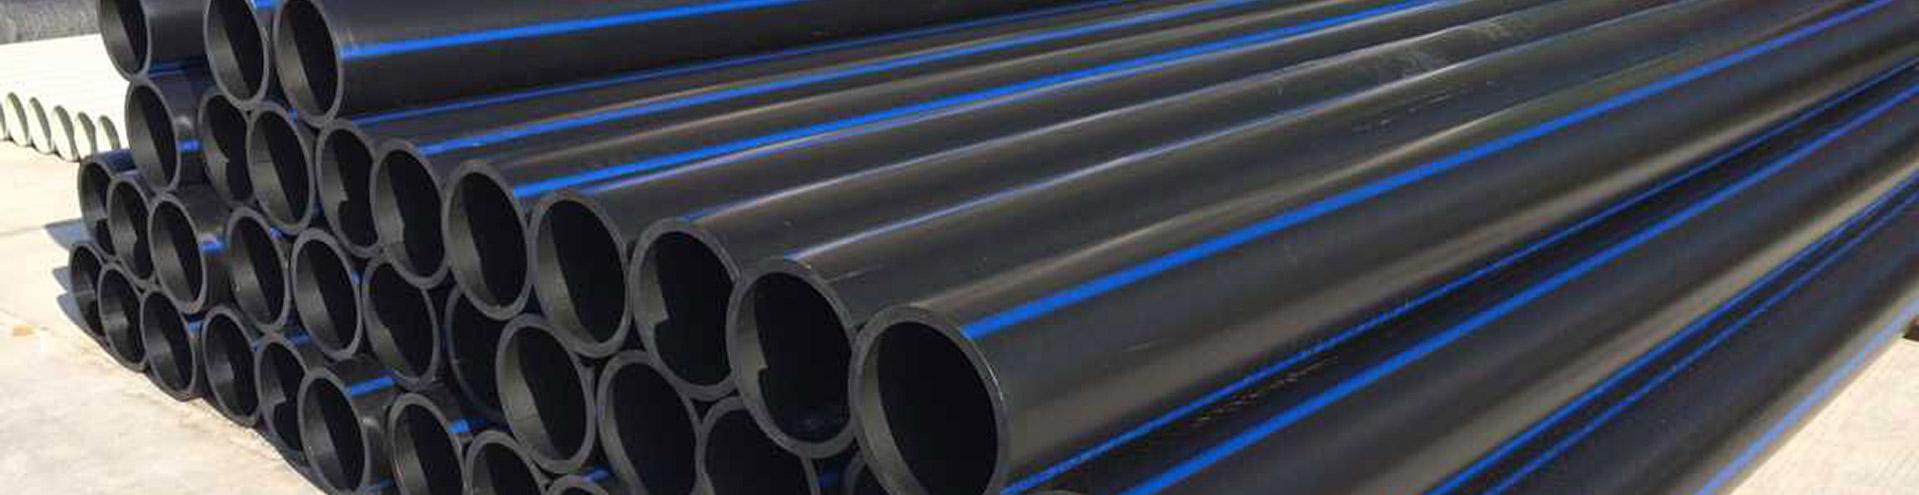 Производство пластиковых водонапорных труб диаметром 20-630